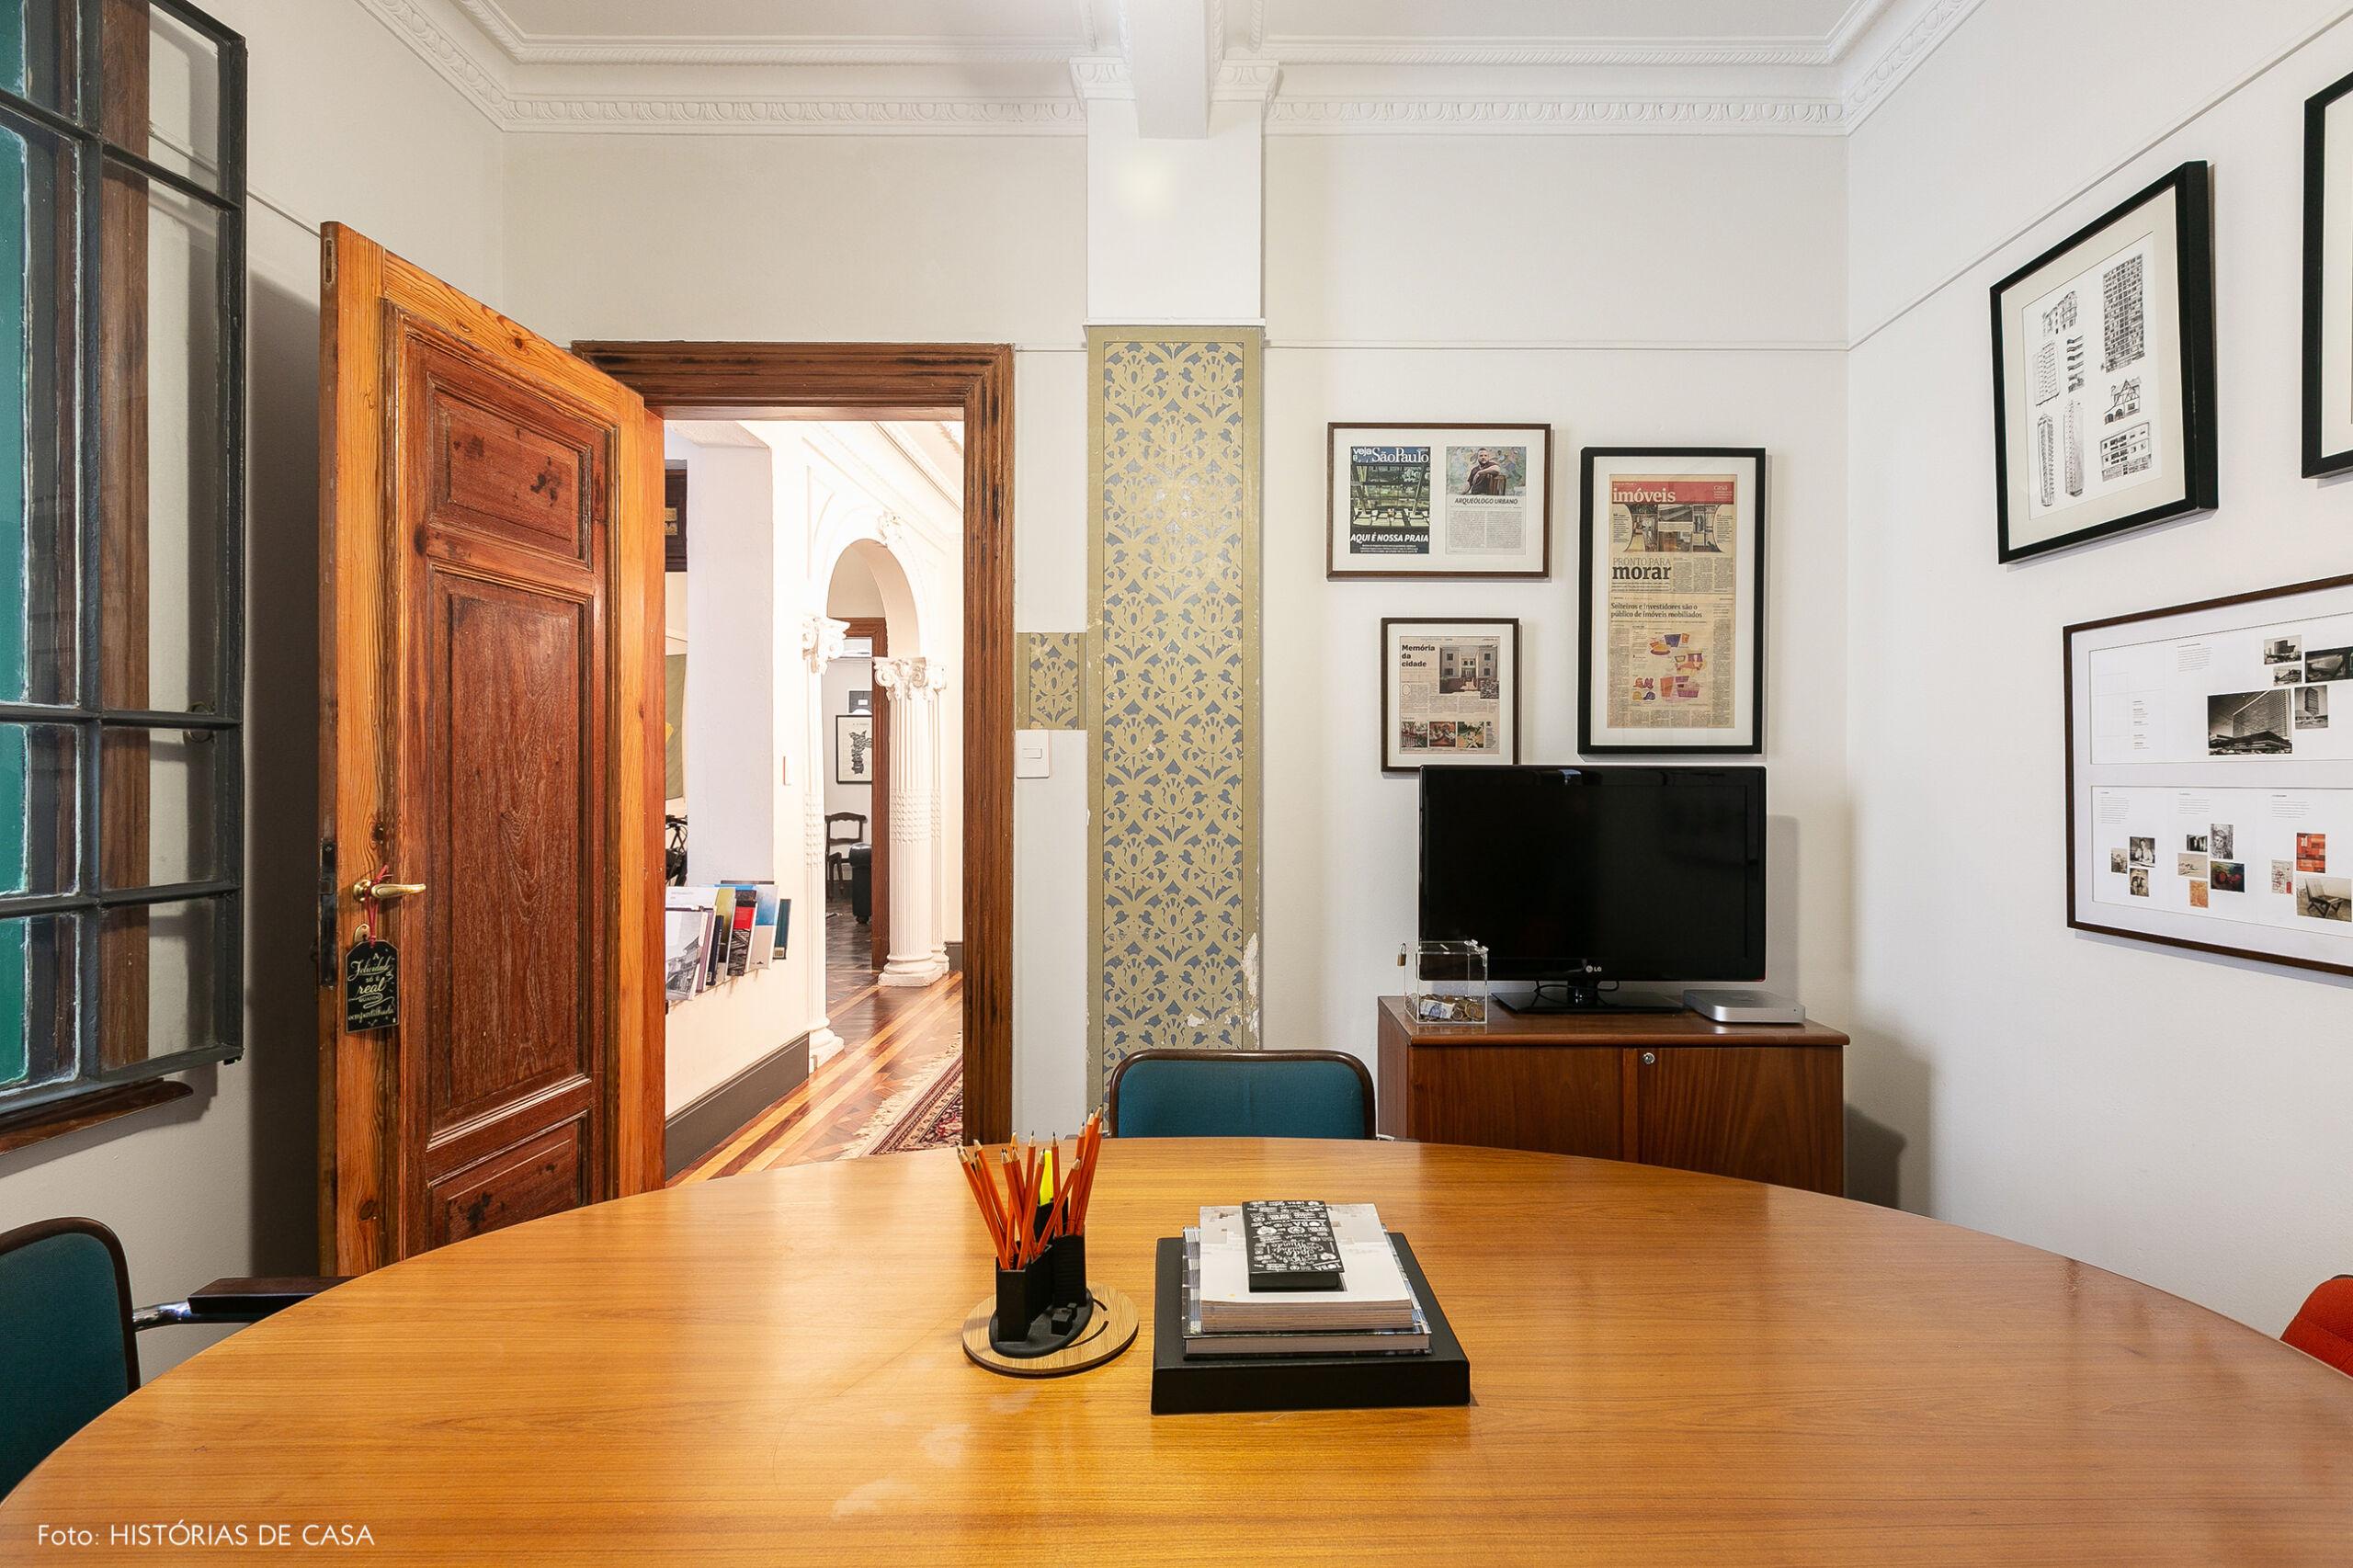 Sala de reuniões em escritório antigo no centro